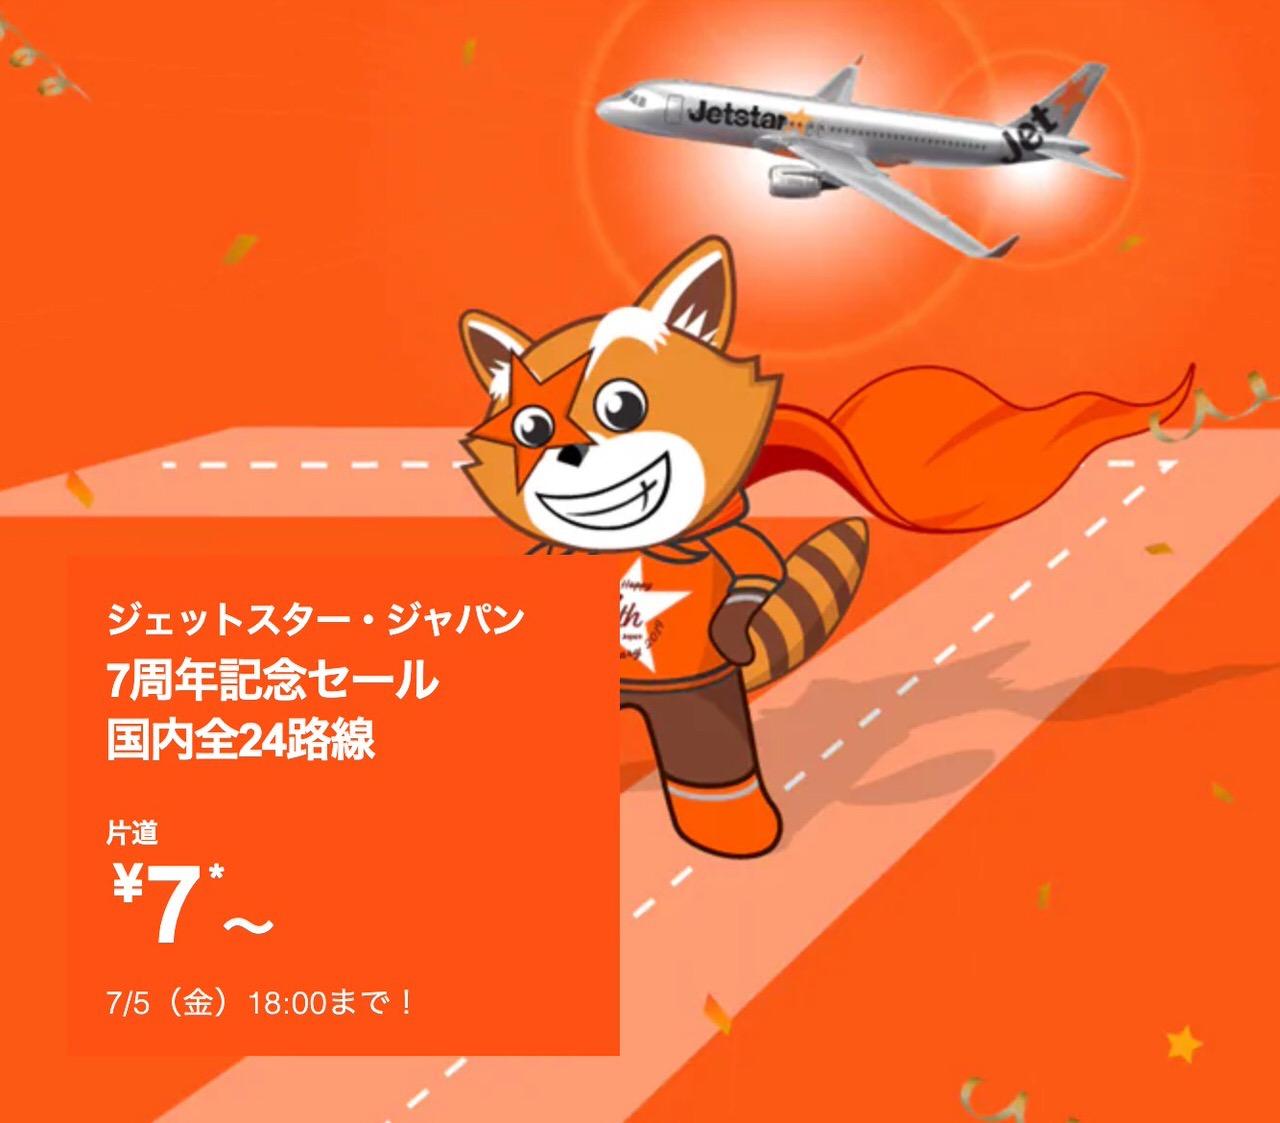 【ジェットスター】7周年記念セール「Super Star Sale」開催中(7/5まで)